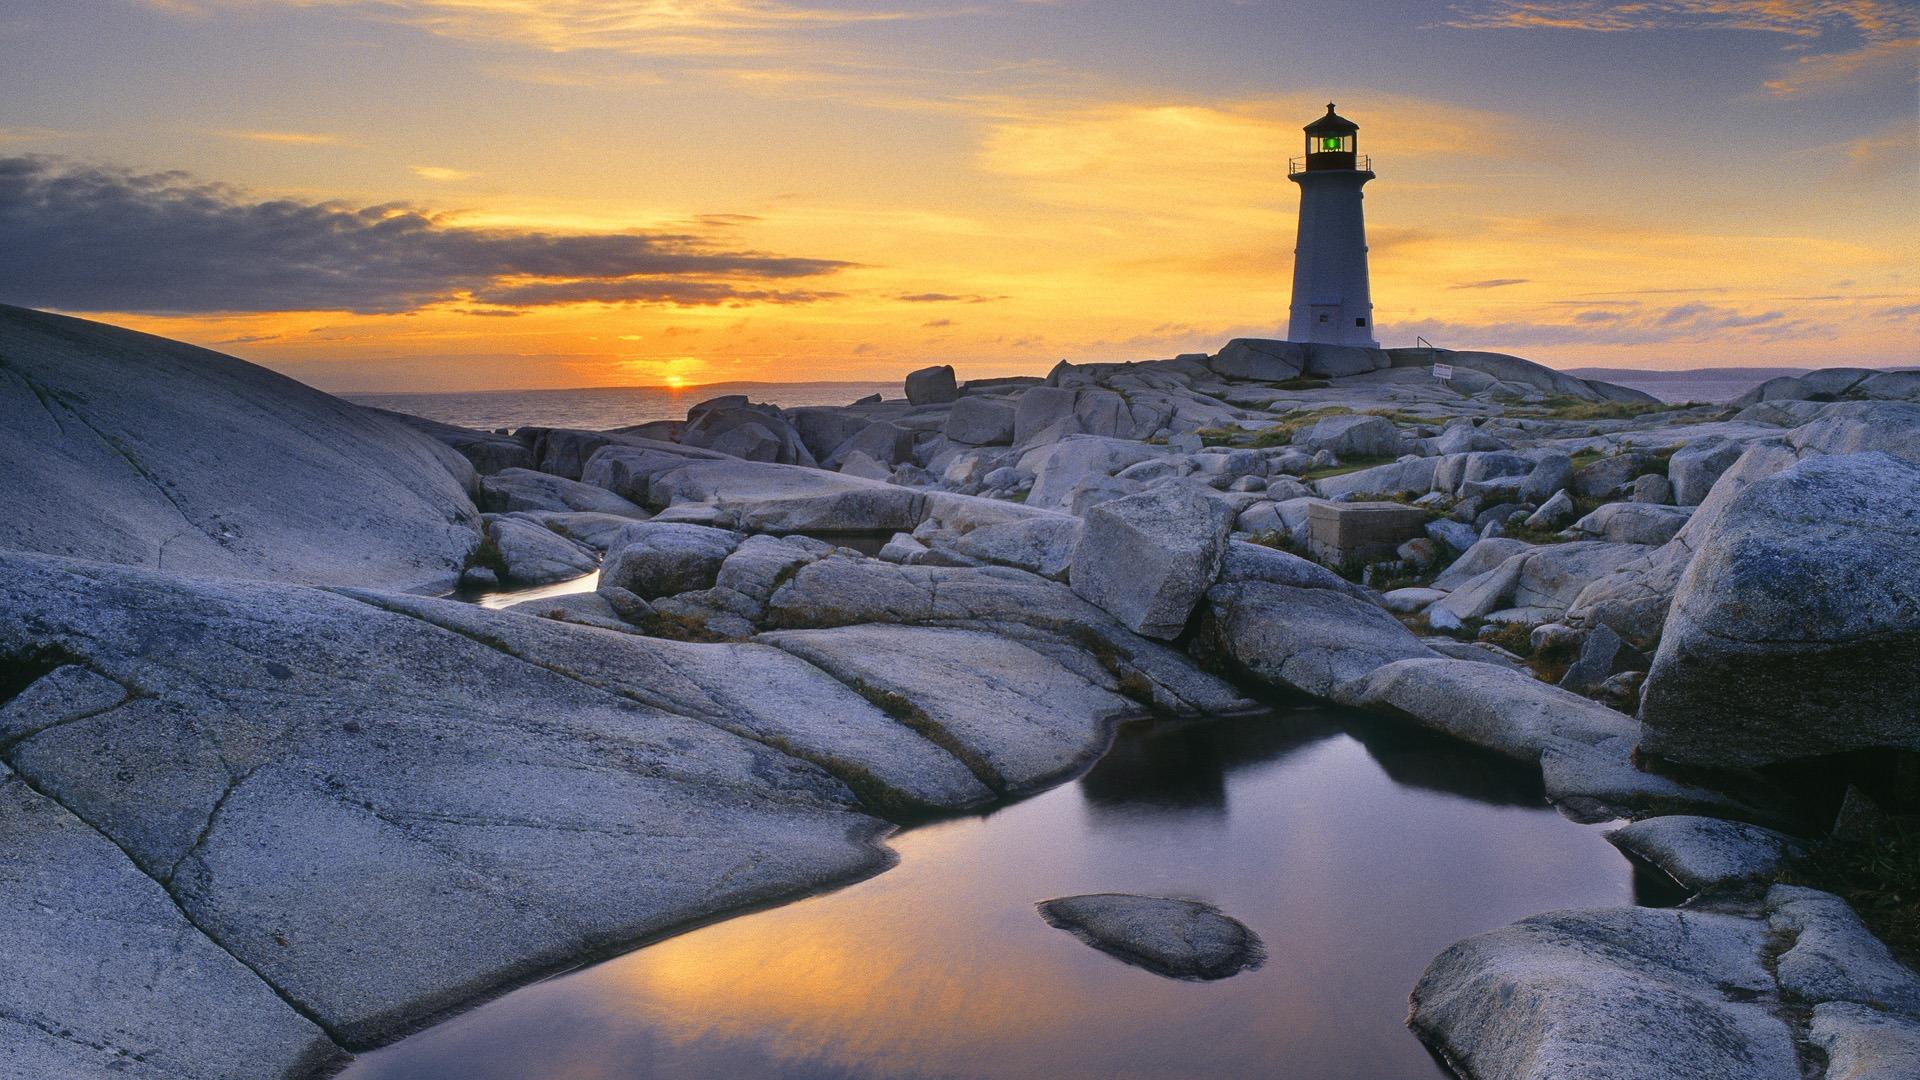 lighthouse desktop wallpaper 27202